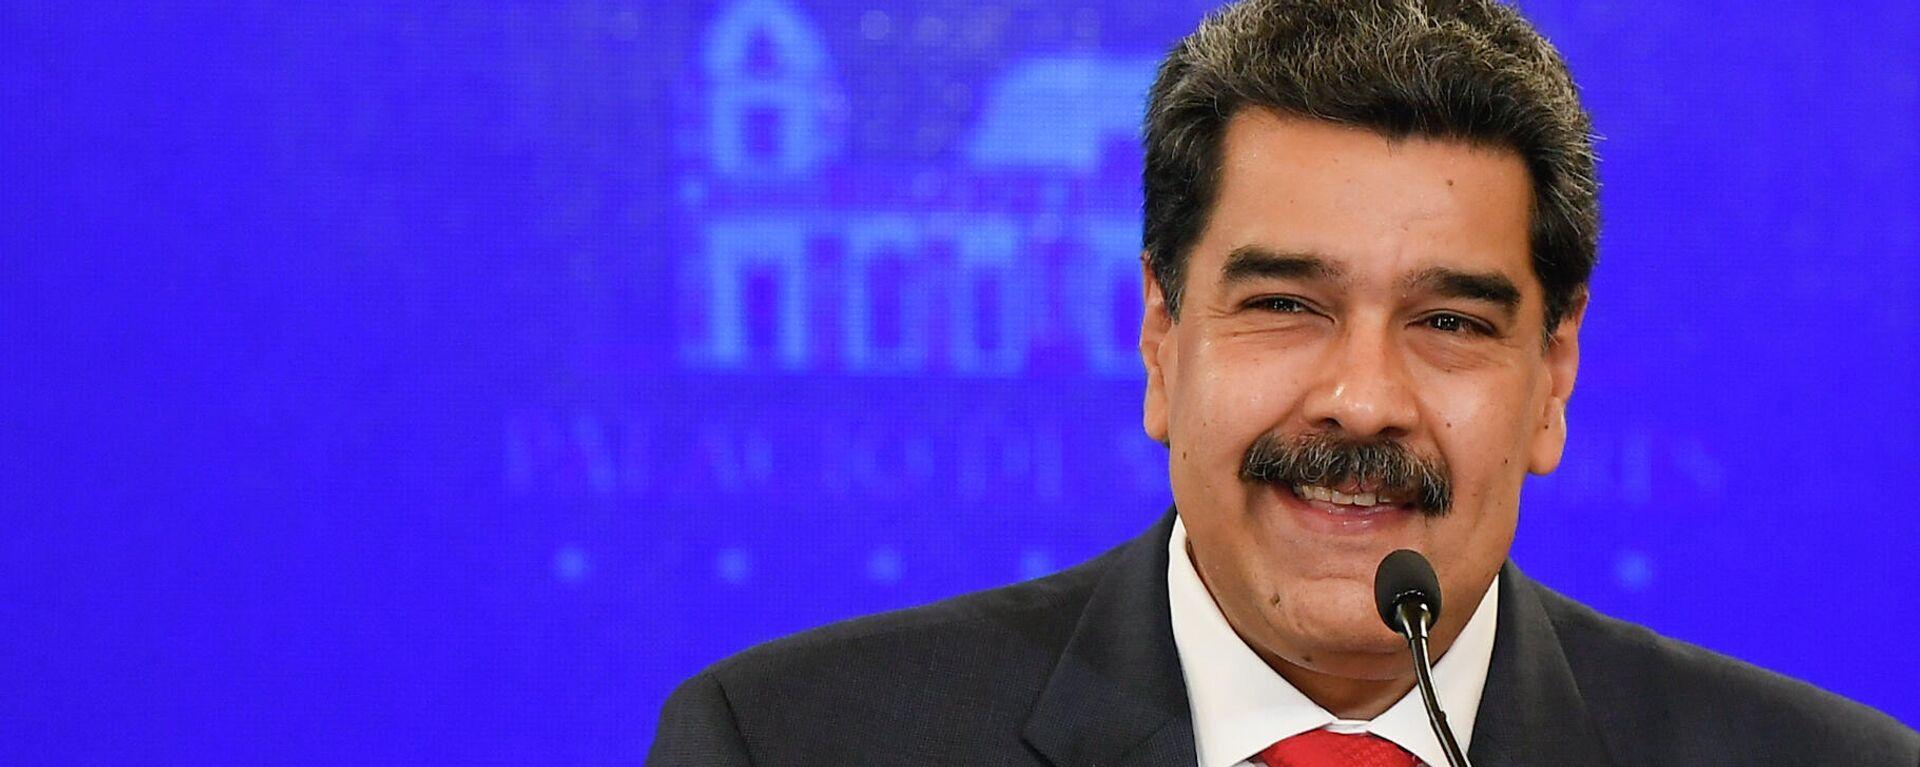 Nicolás Maduro, presidente de Venezuela - Sputnik Mundo, 1920, 25.06.2021